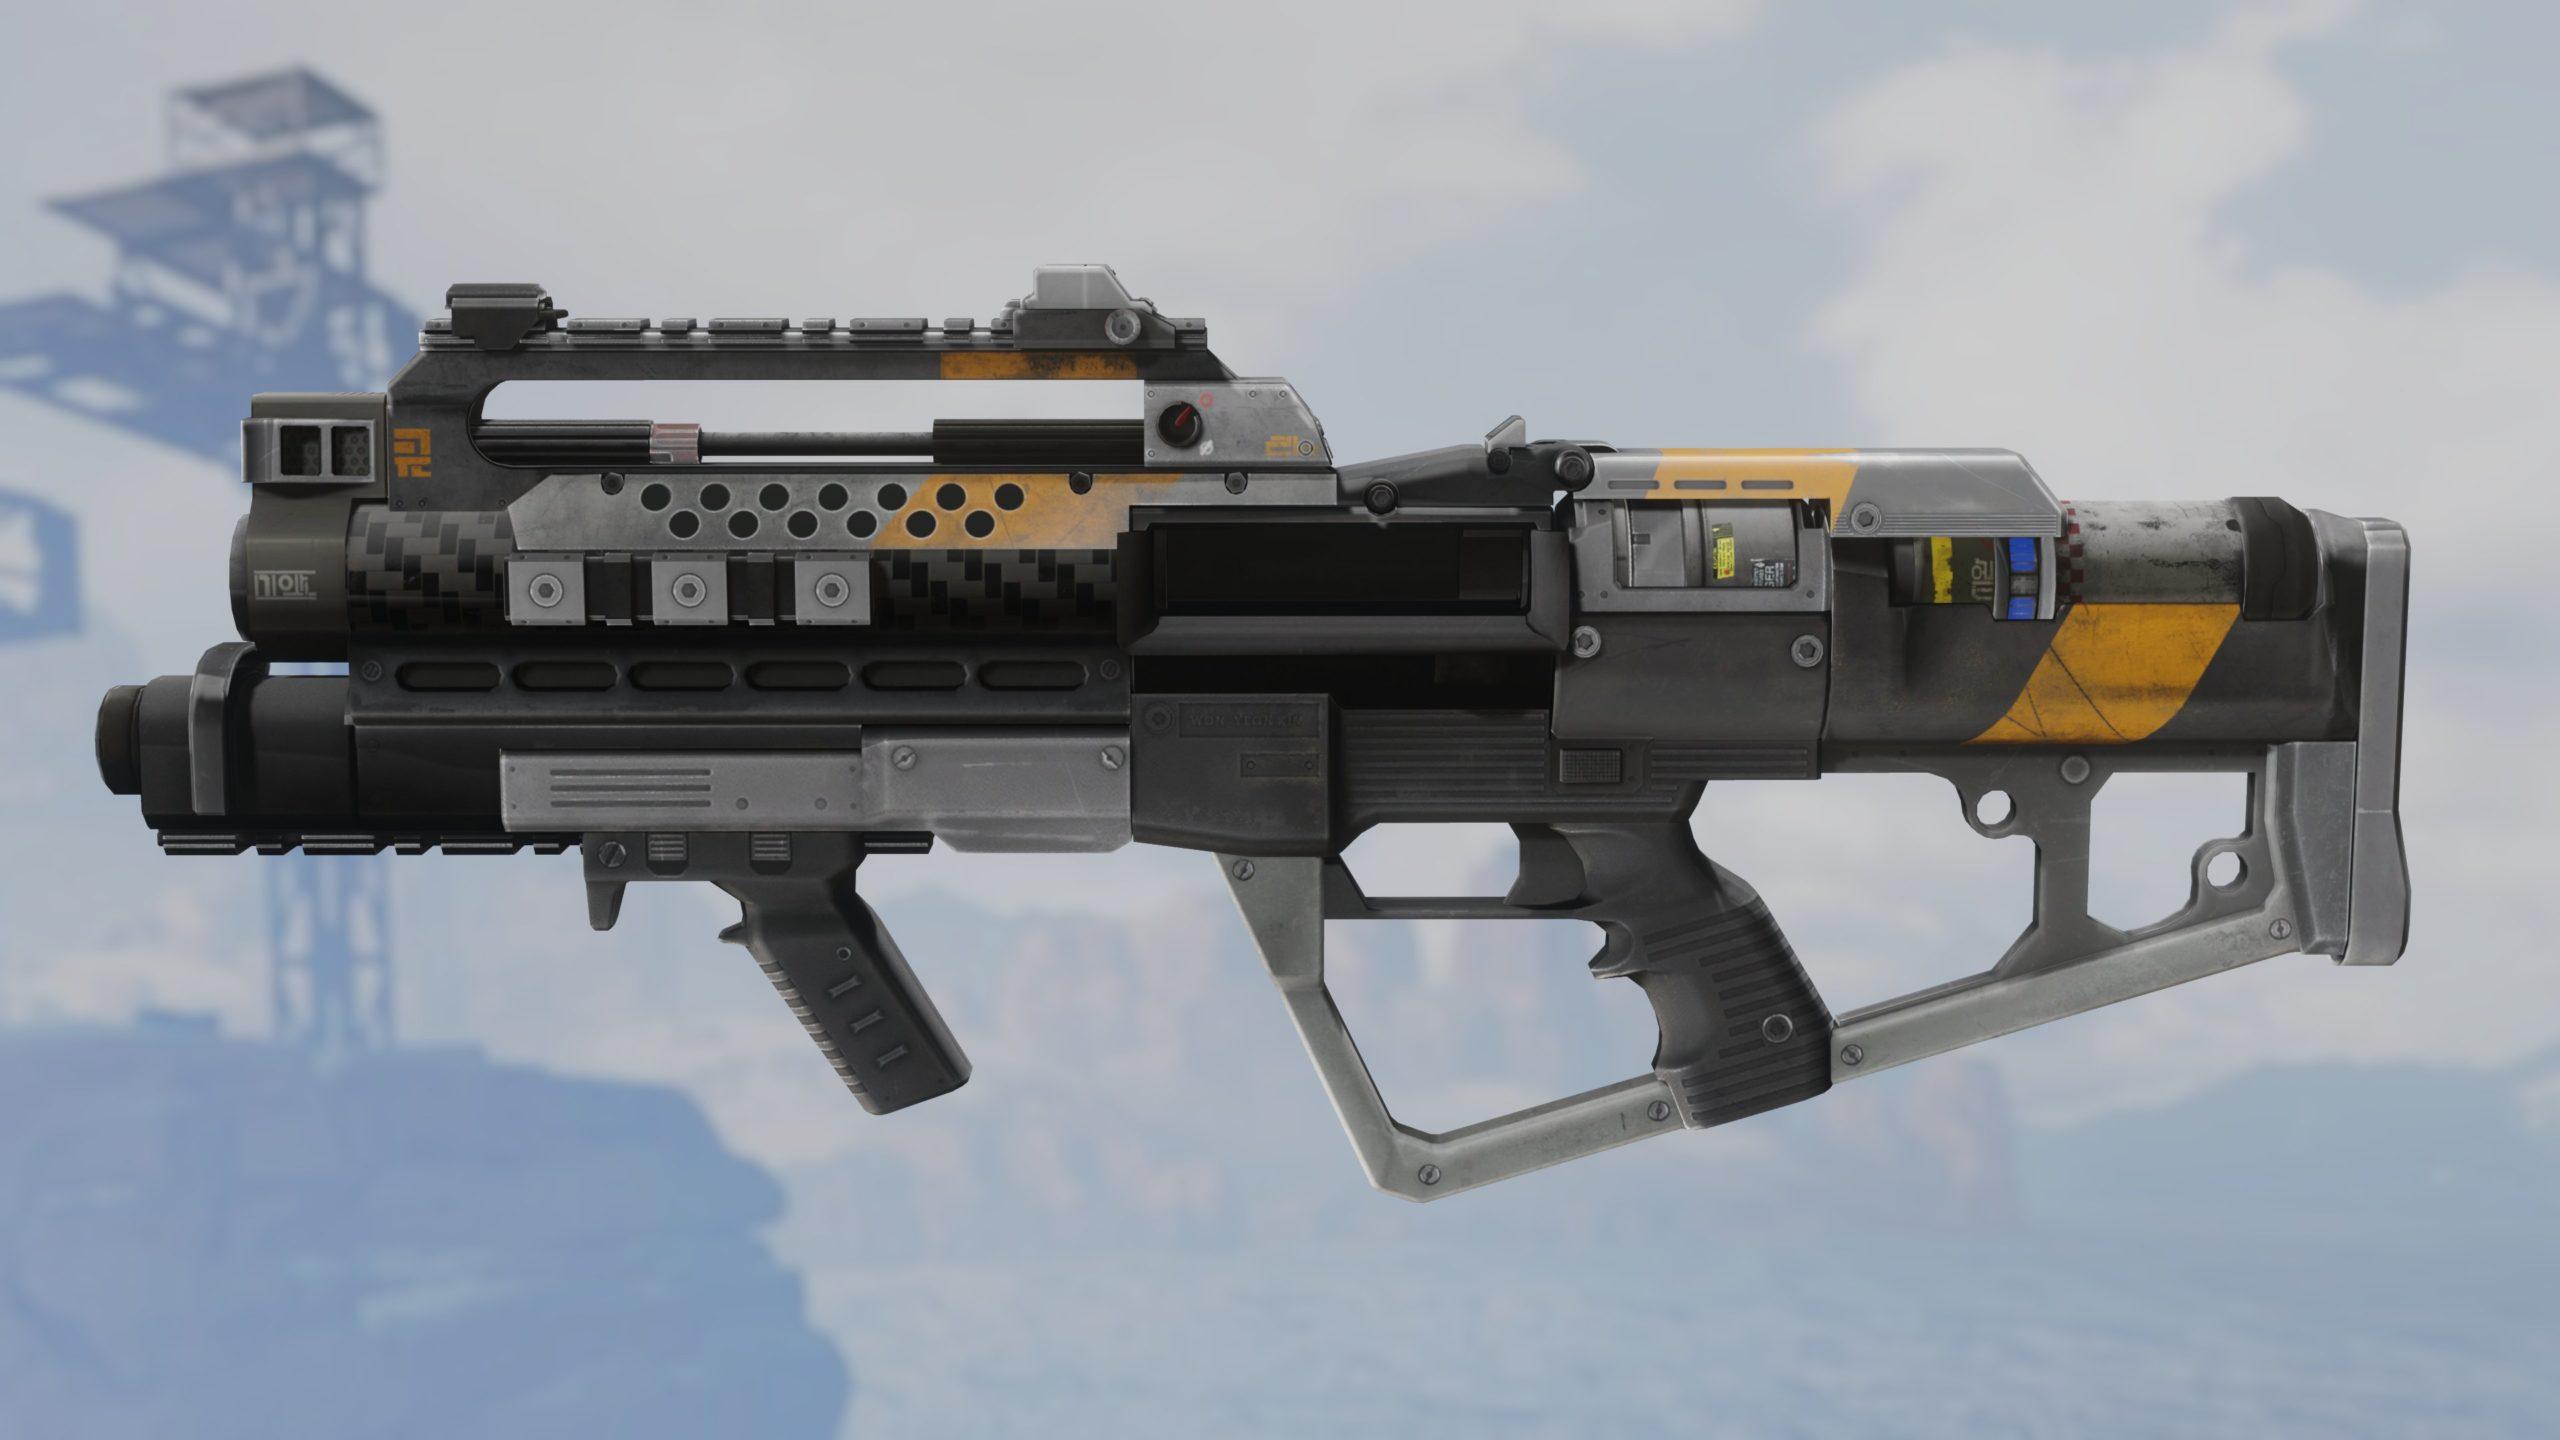 【速報】APEXシーズン6の「新武器」と思われるものがリーク!!これは確定っぽい・・・!?